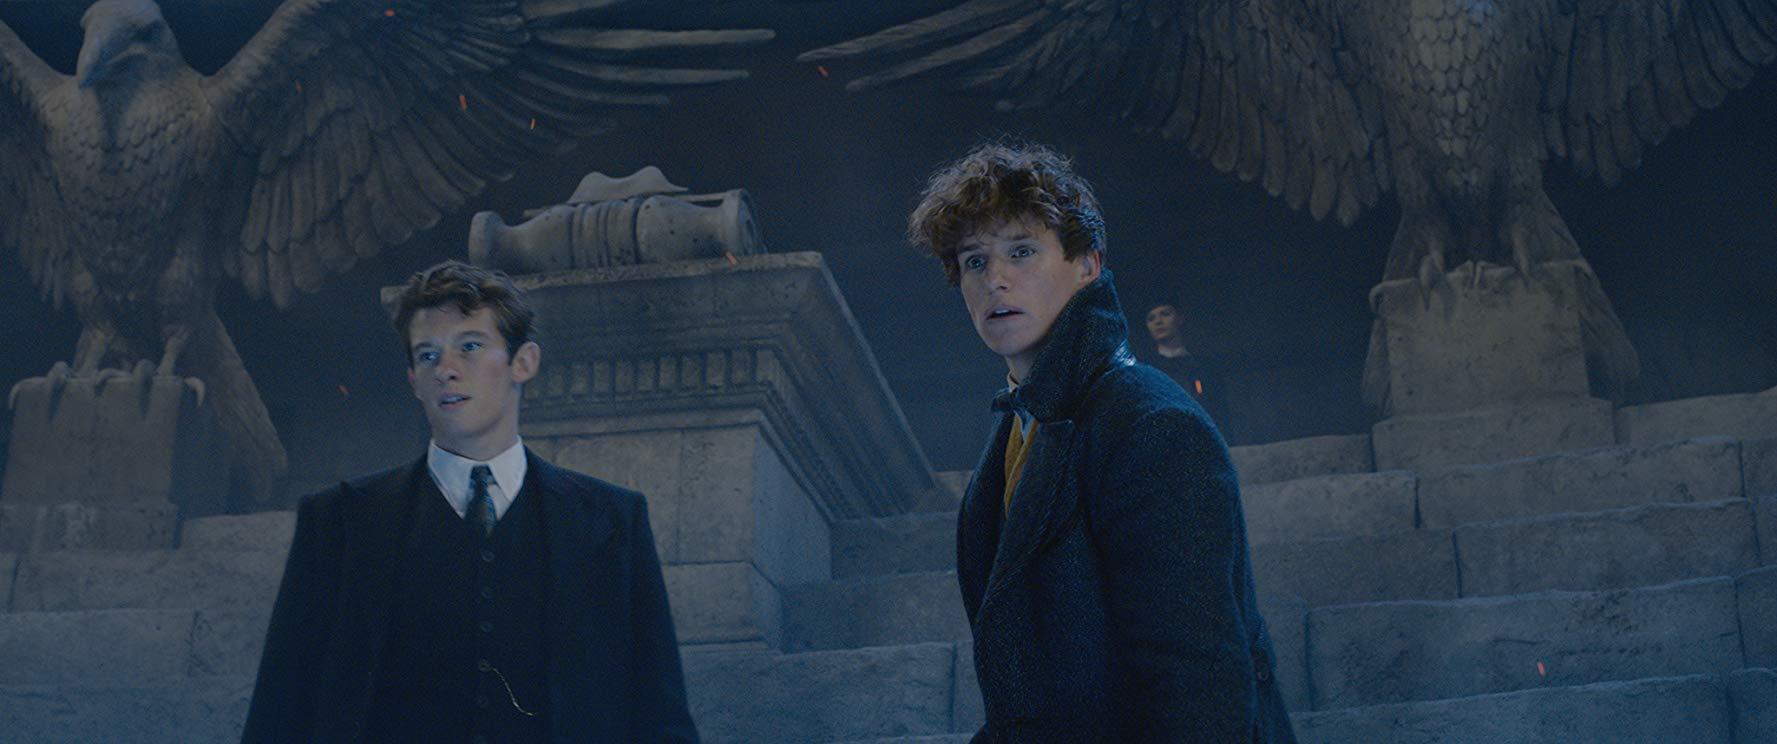 Fantastic Beasts: The Crimes of Grindelwald film review; Harry Potter, Eddie Redmayne, Jude Law, Johnny Depp